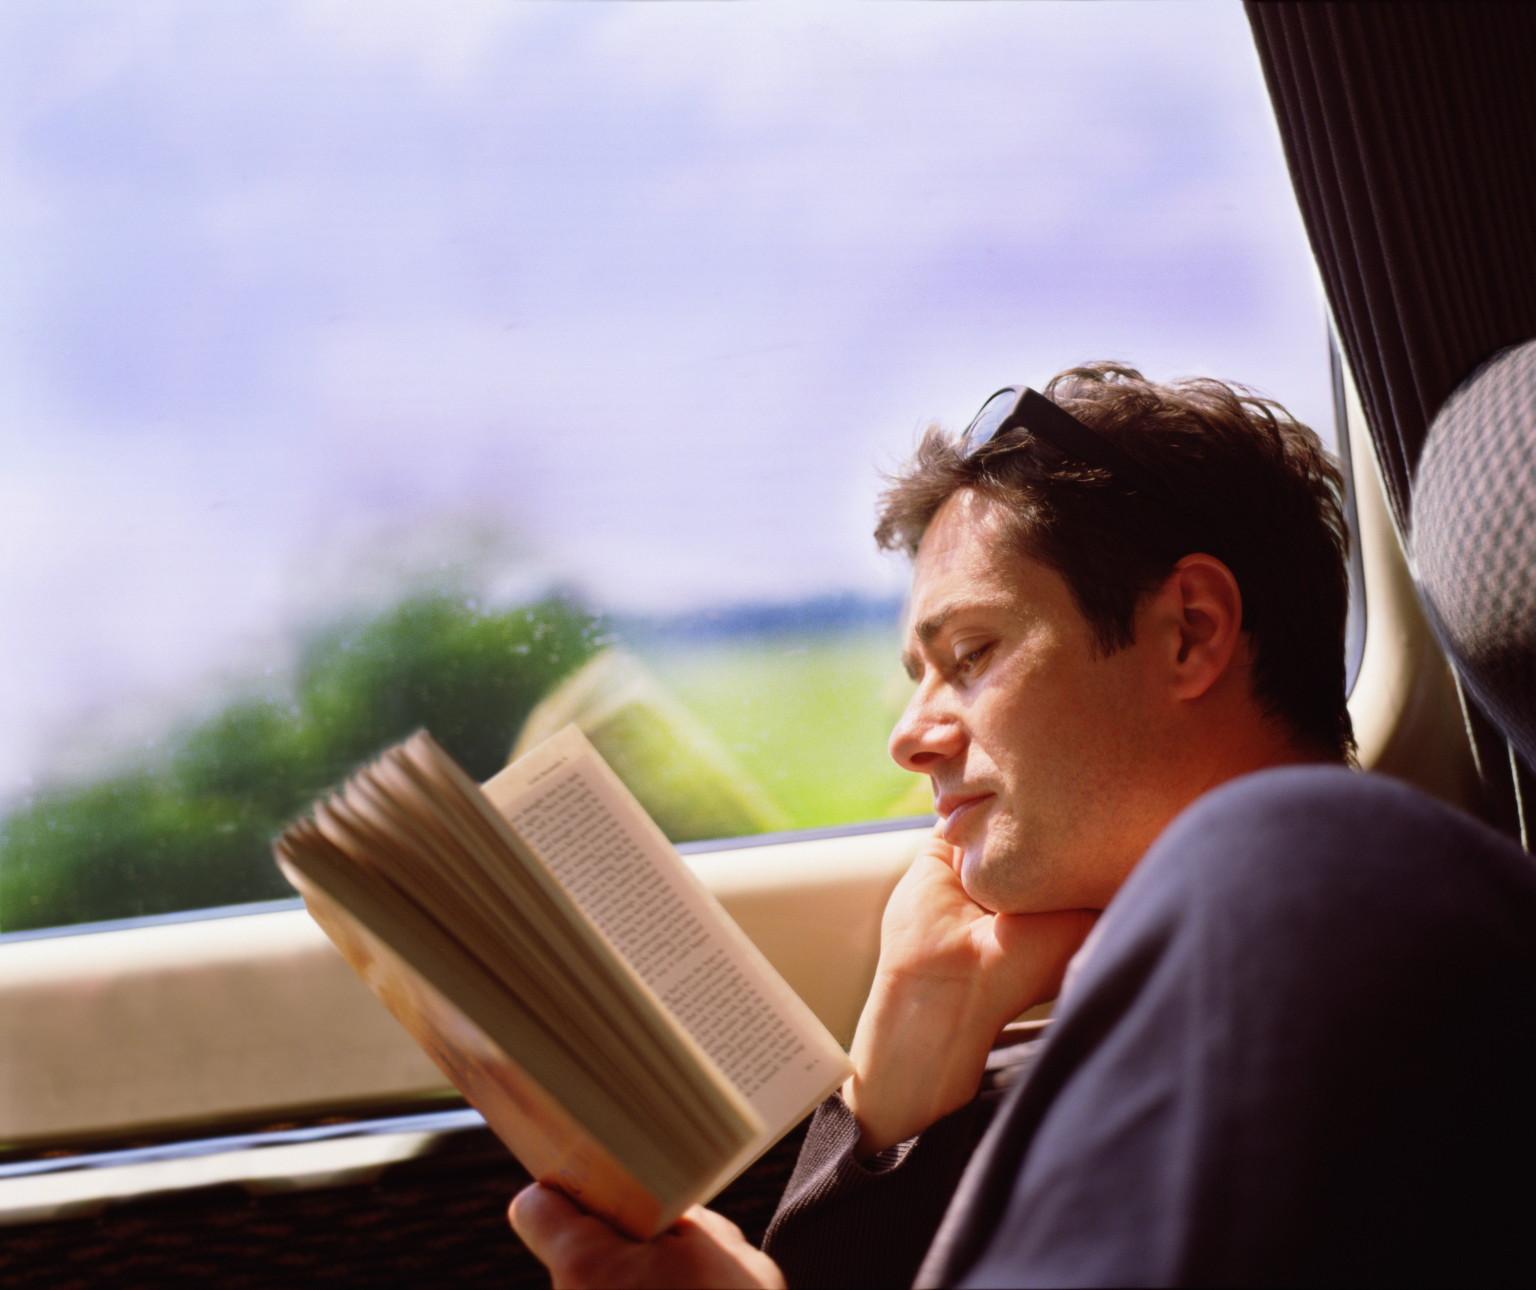 Okumayı seviyorsanız, ancak vaktiniz yoksa, sabah giderken otobüste veya bekleme odasındayken okuyun.